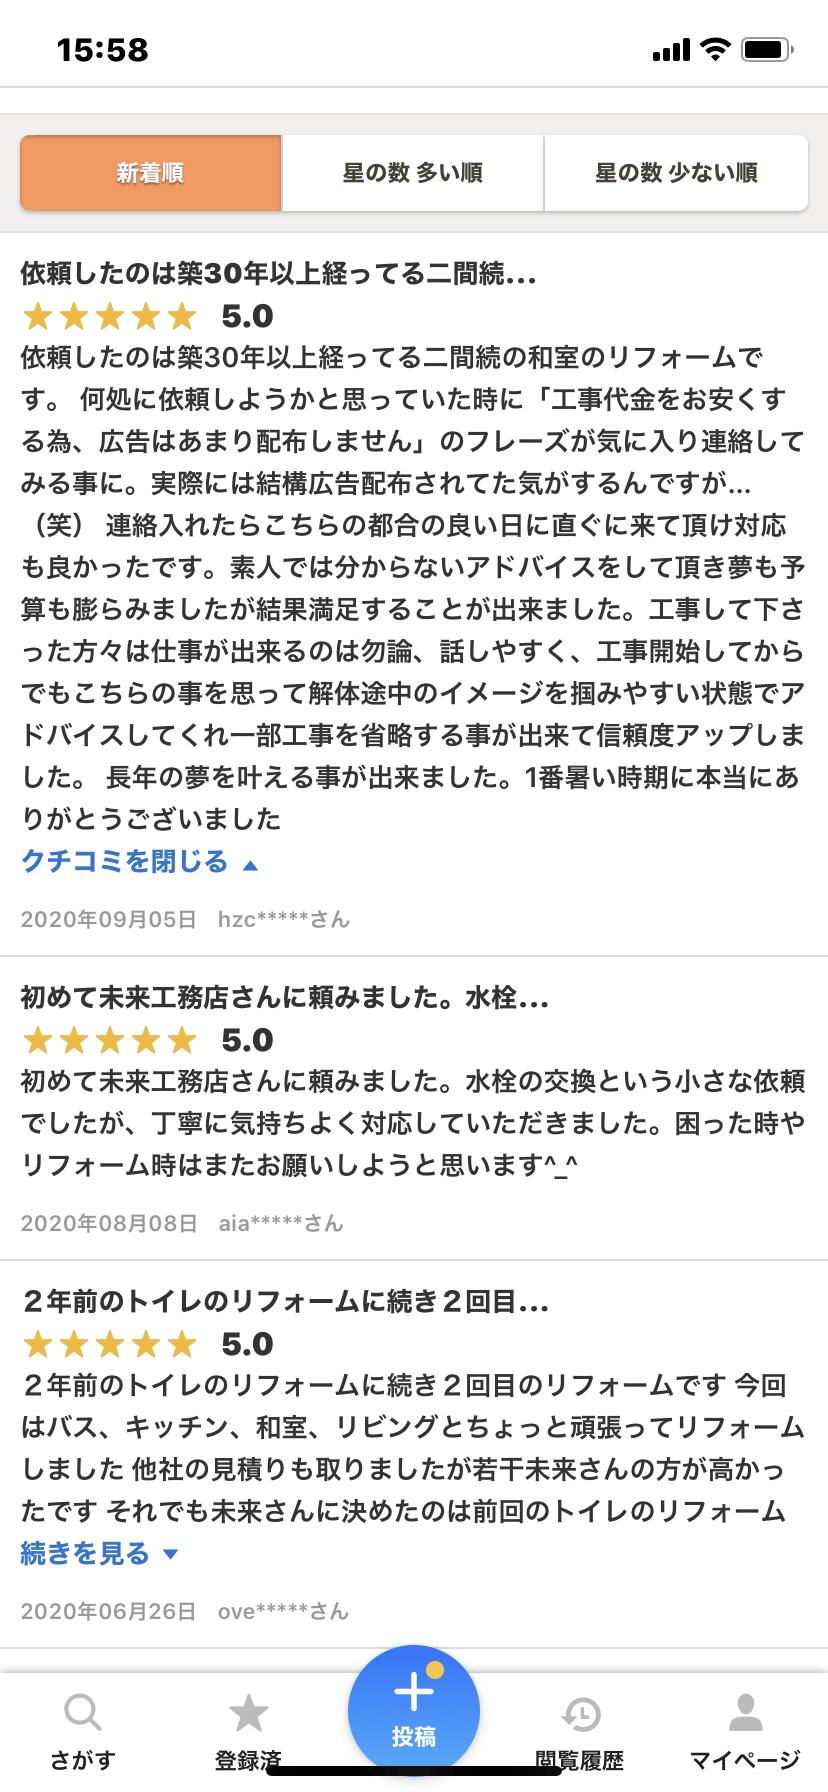 未来工務店の口コミ・評判